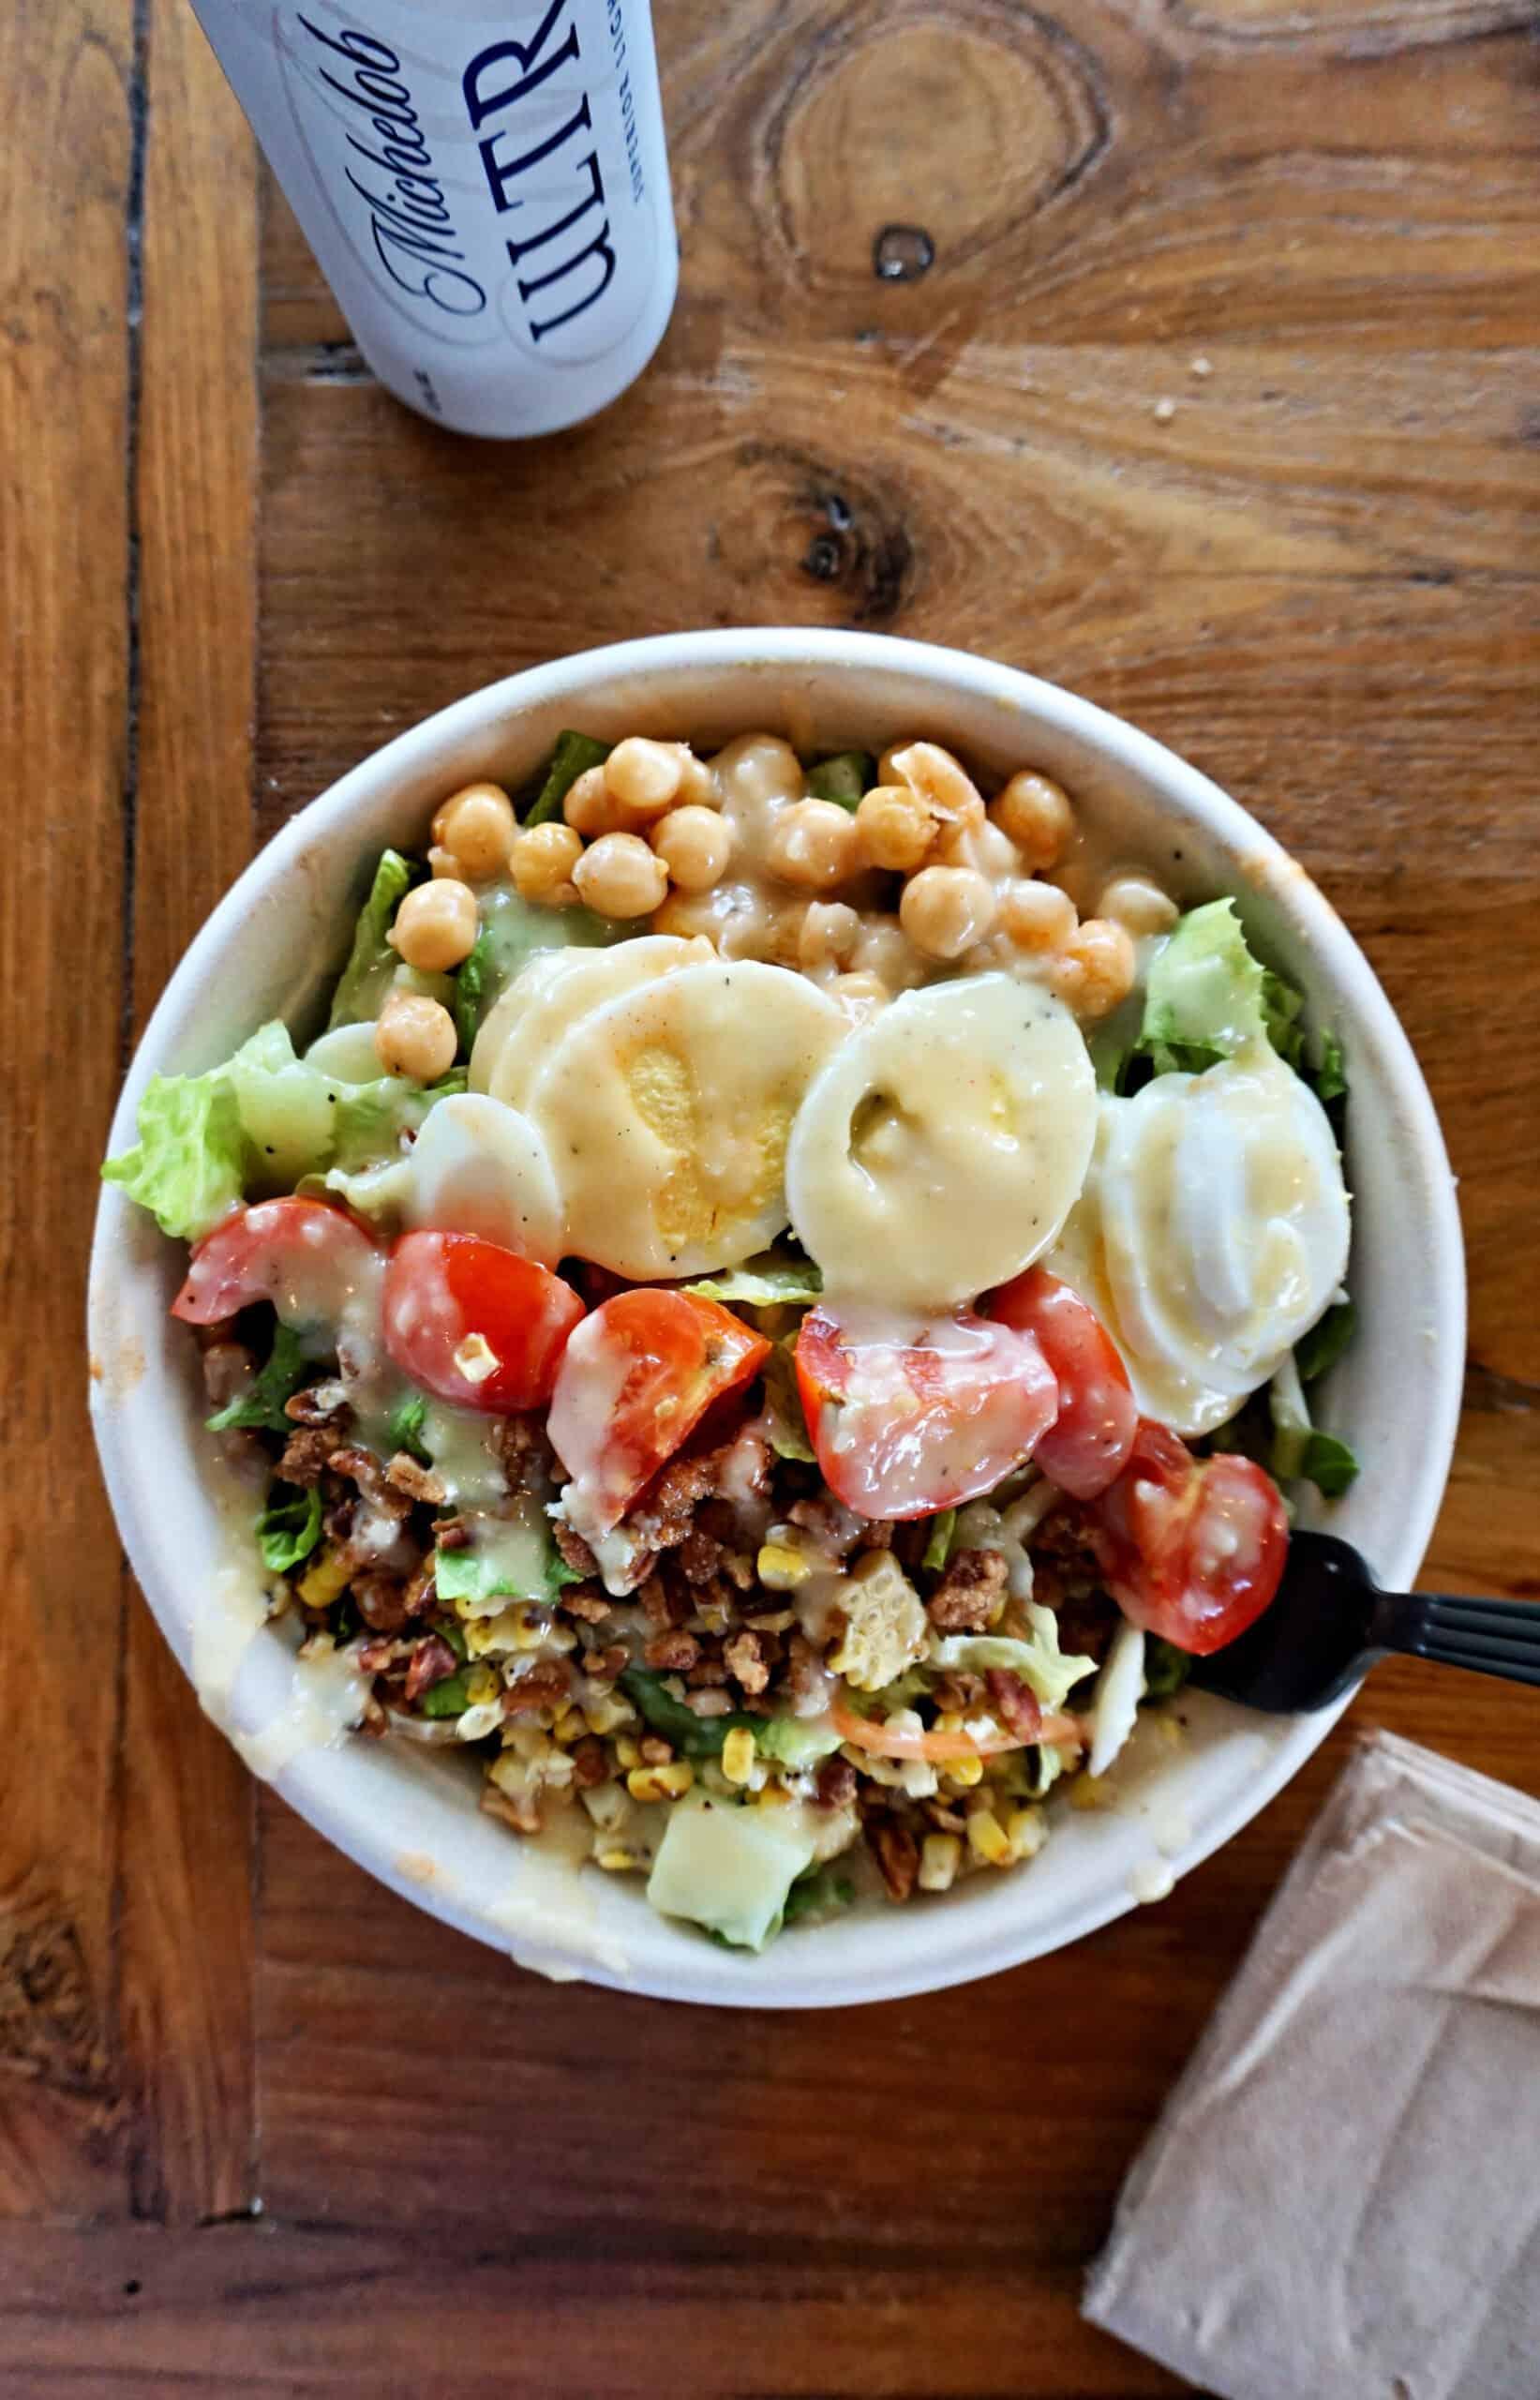 Picnic Cobb Salad at Picnic Beach